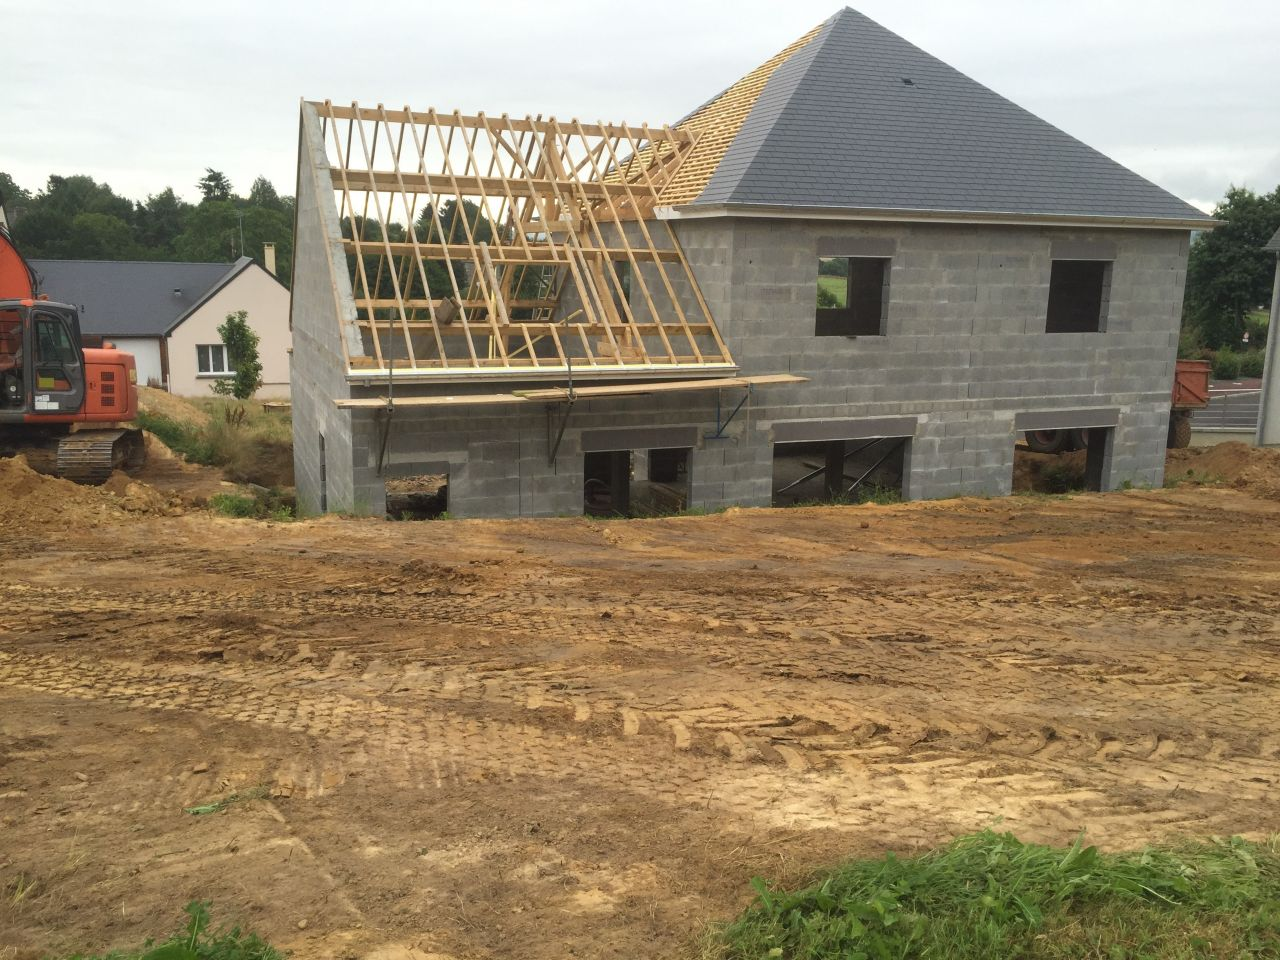 La couverture continue, et le terrassement débute autour de la maison !